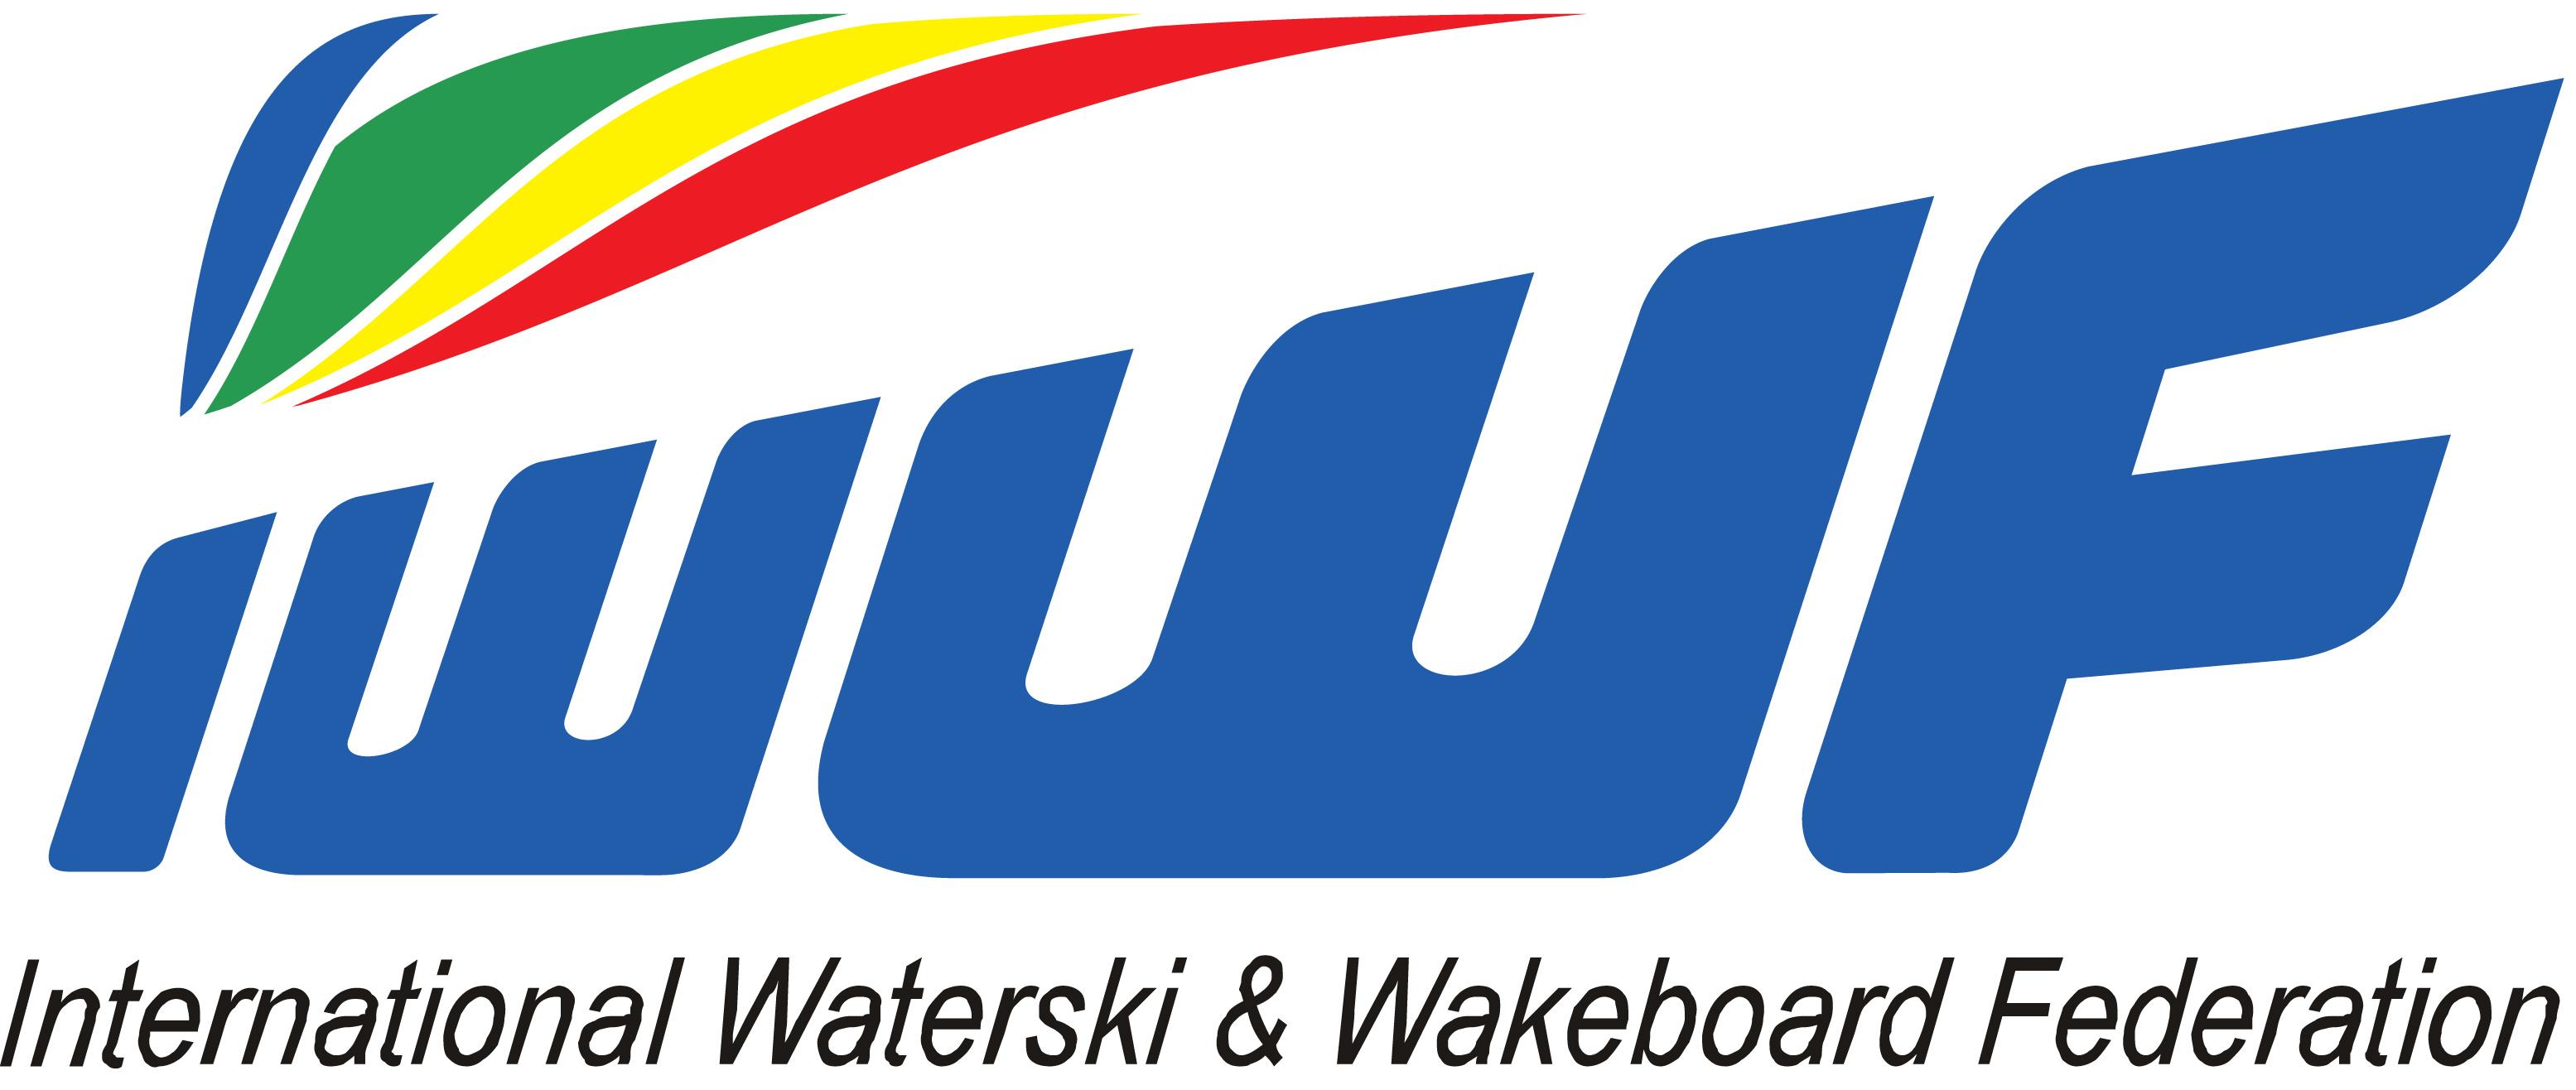 iwwf-2